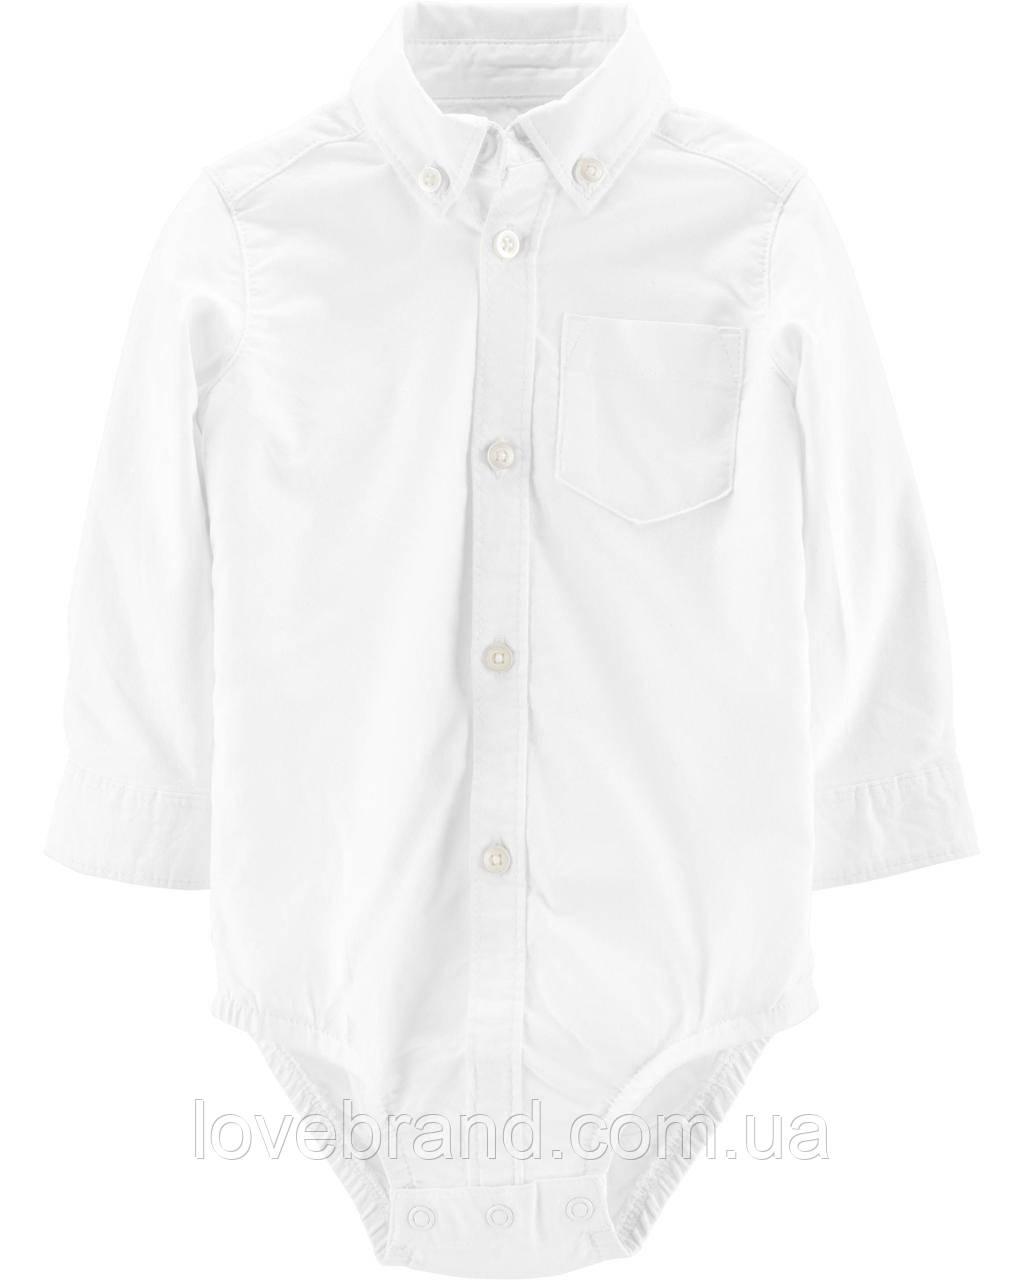 Рубашка боди OshKosh для мальчика белый, нарядная рубашка для малыша 24 мес/83-86 см